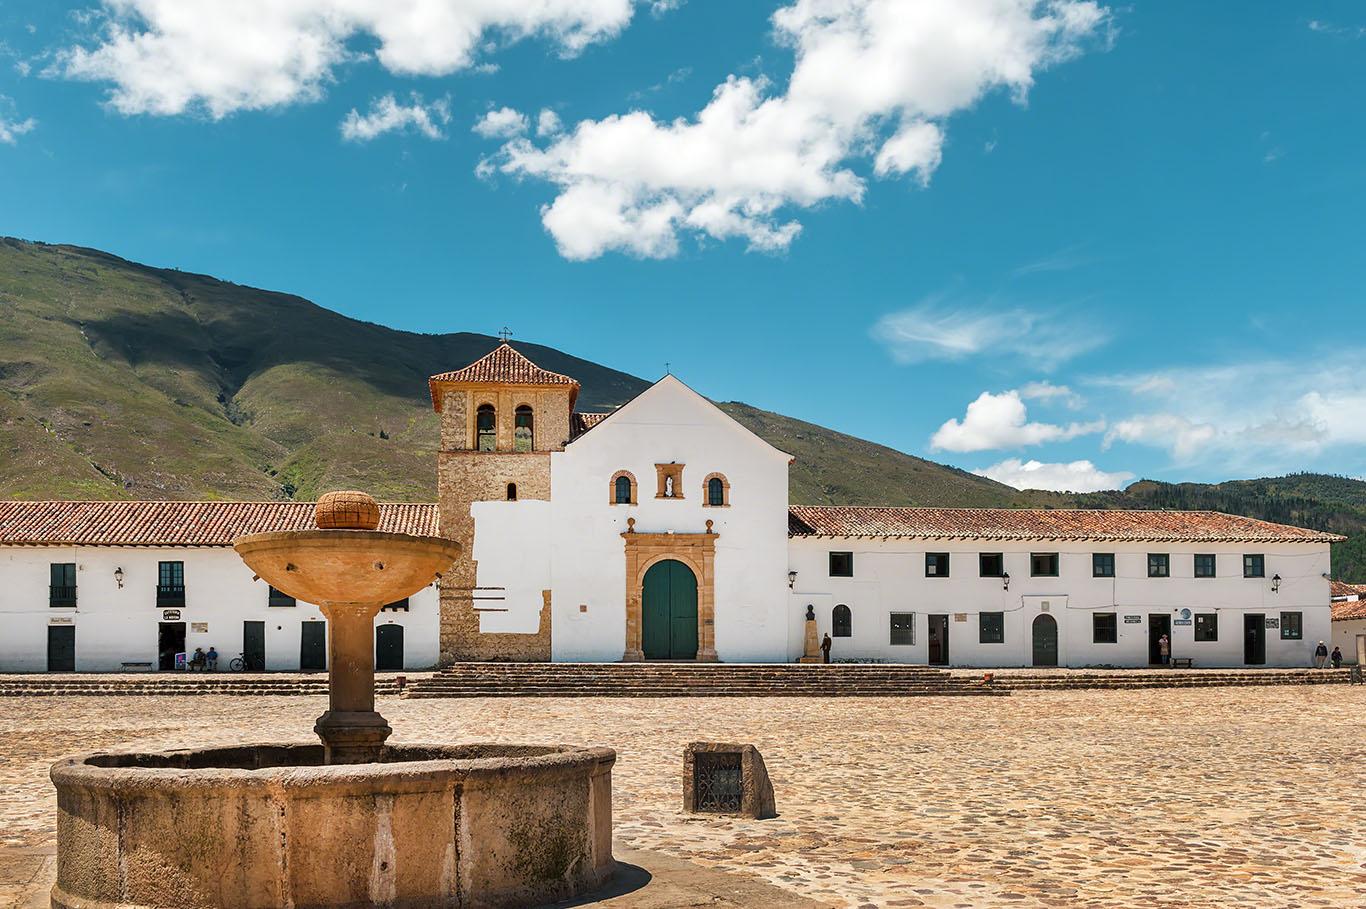 Pila de agua en la Plaza Central en Villa de Leyva, Boyacá, Col